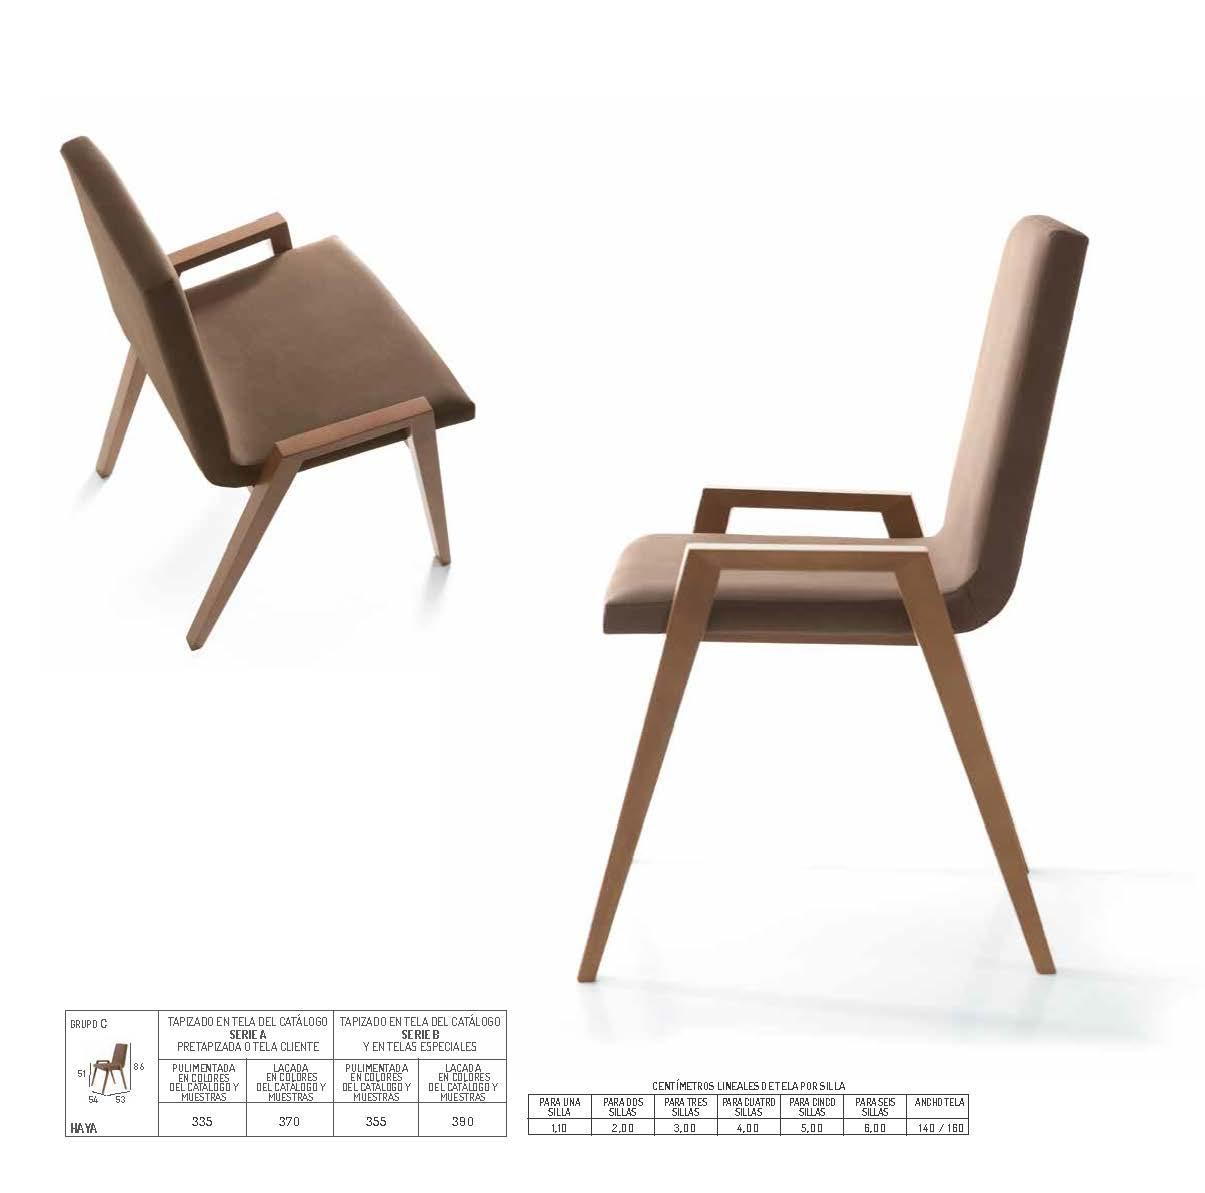 Ficha técnica de sillas de comedor 14f-0010